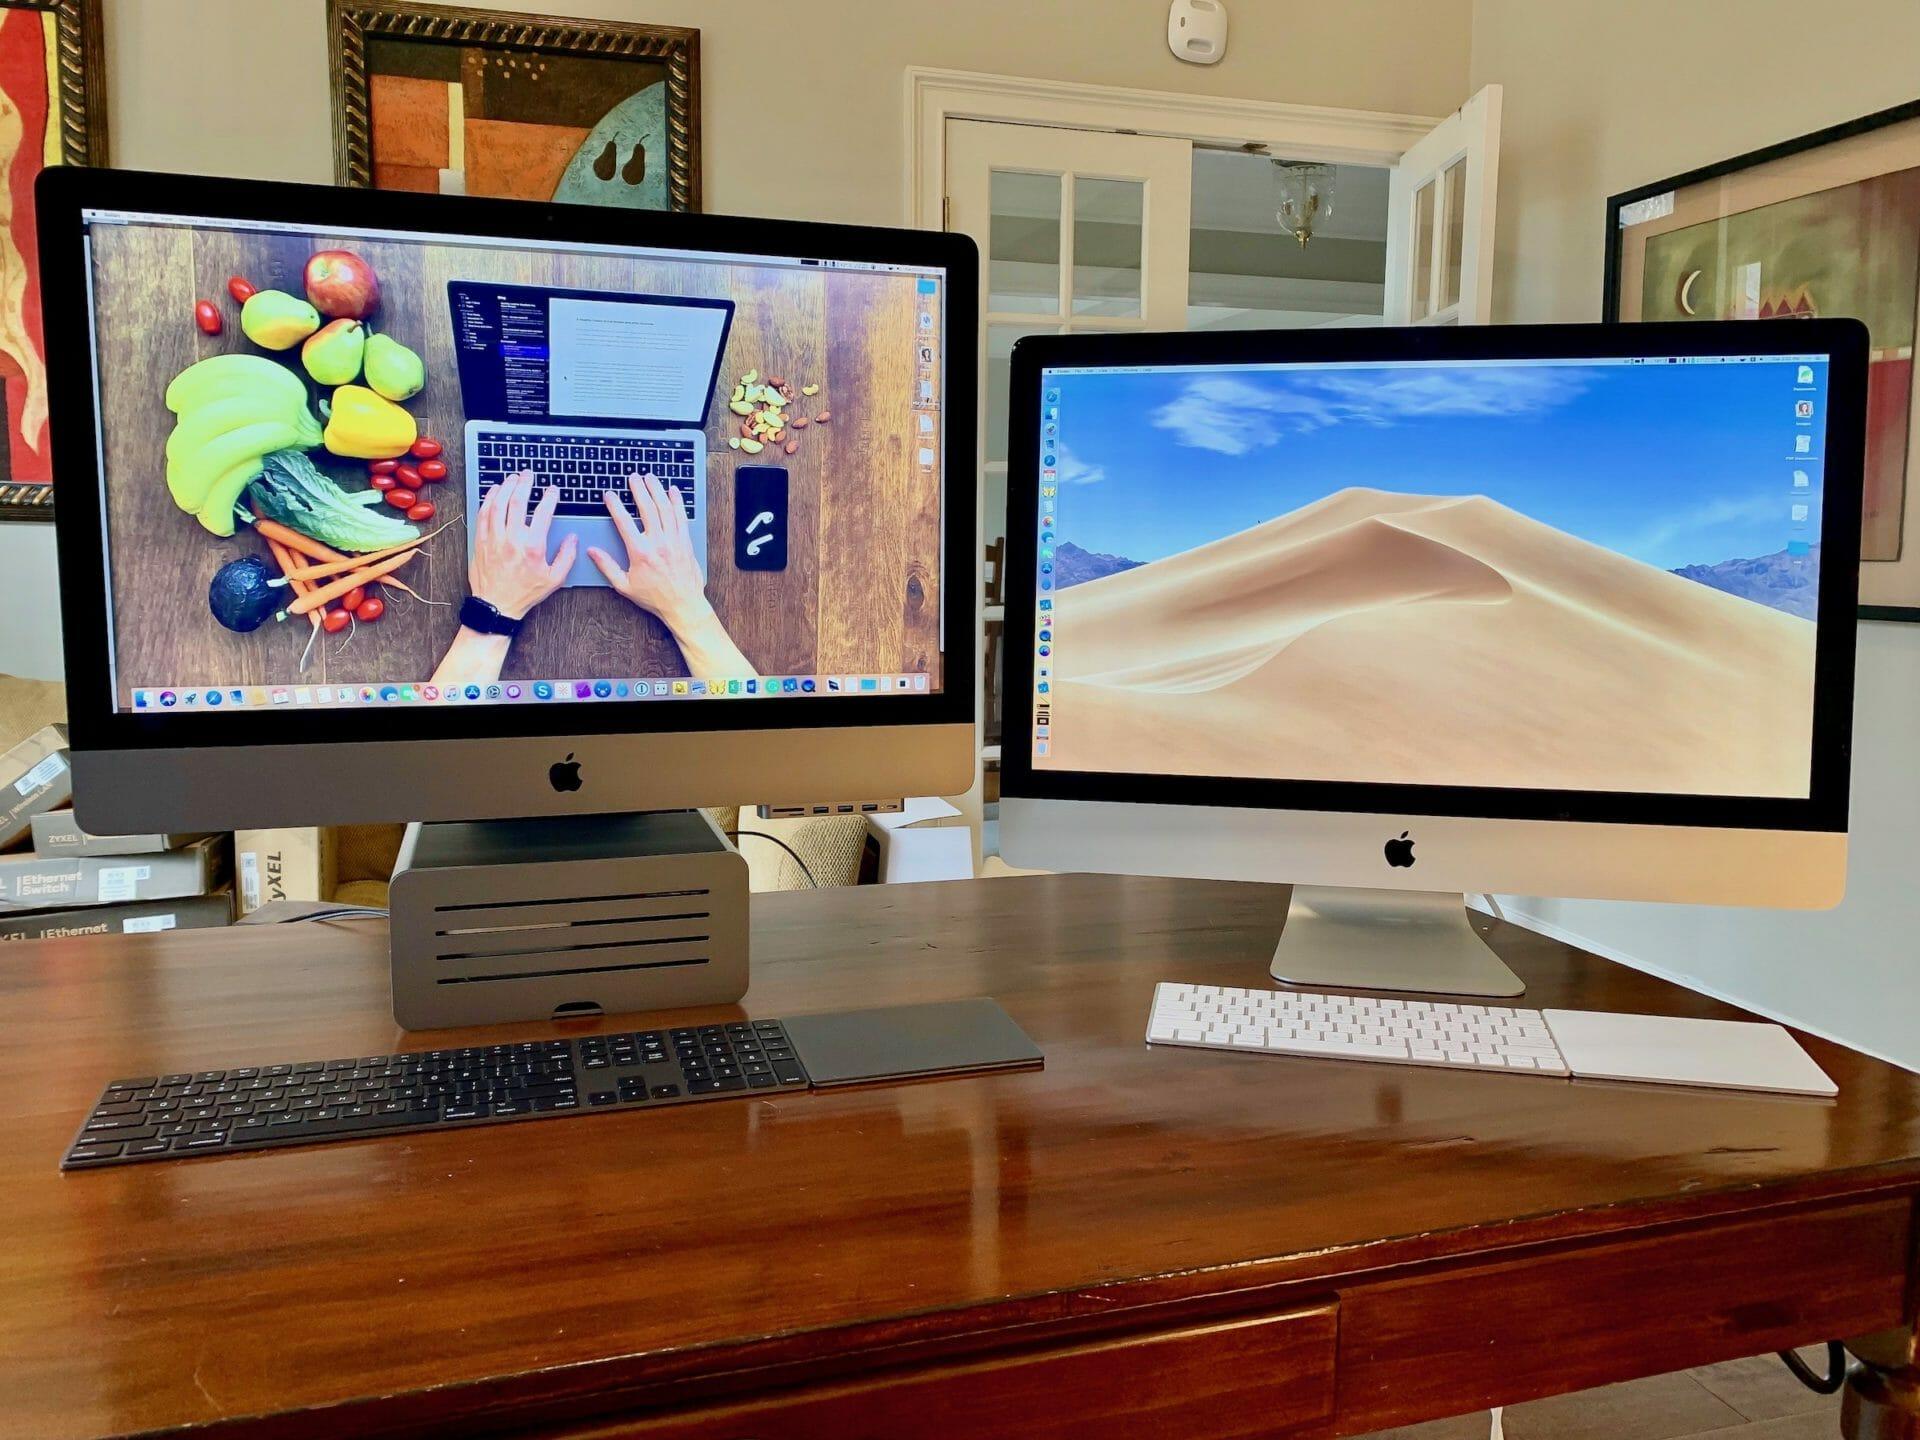 iMac Pro vs. 5K iMac